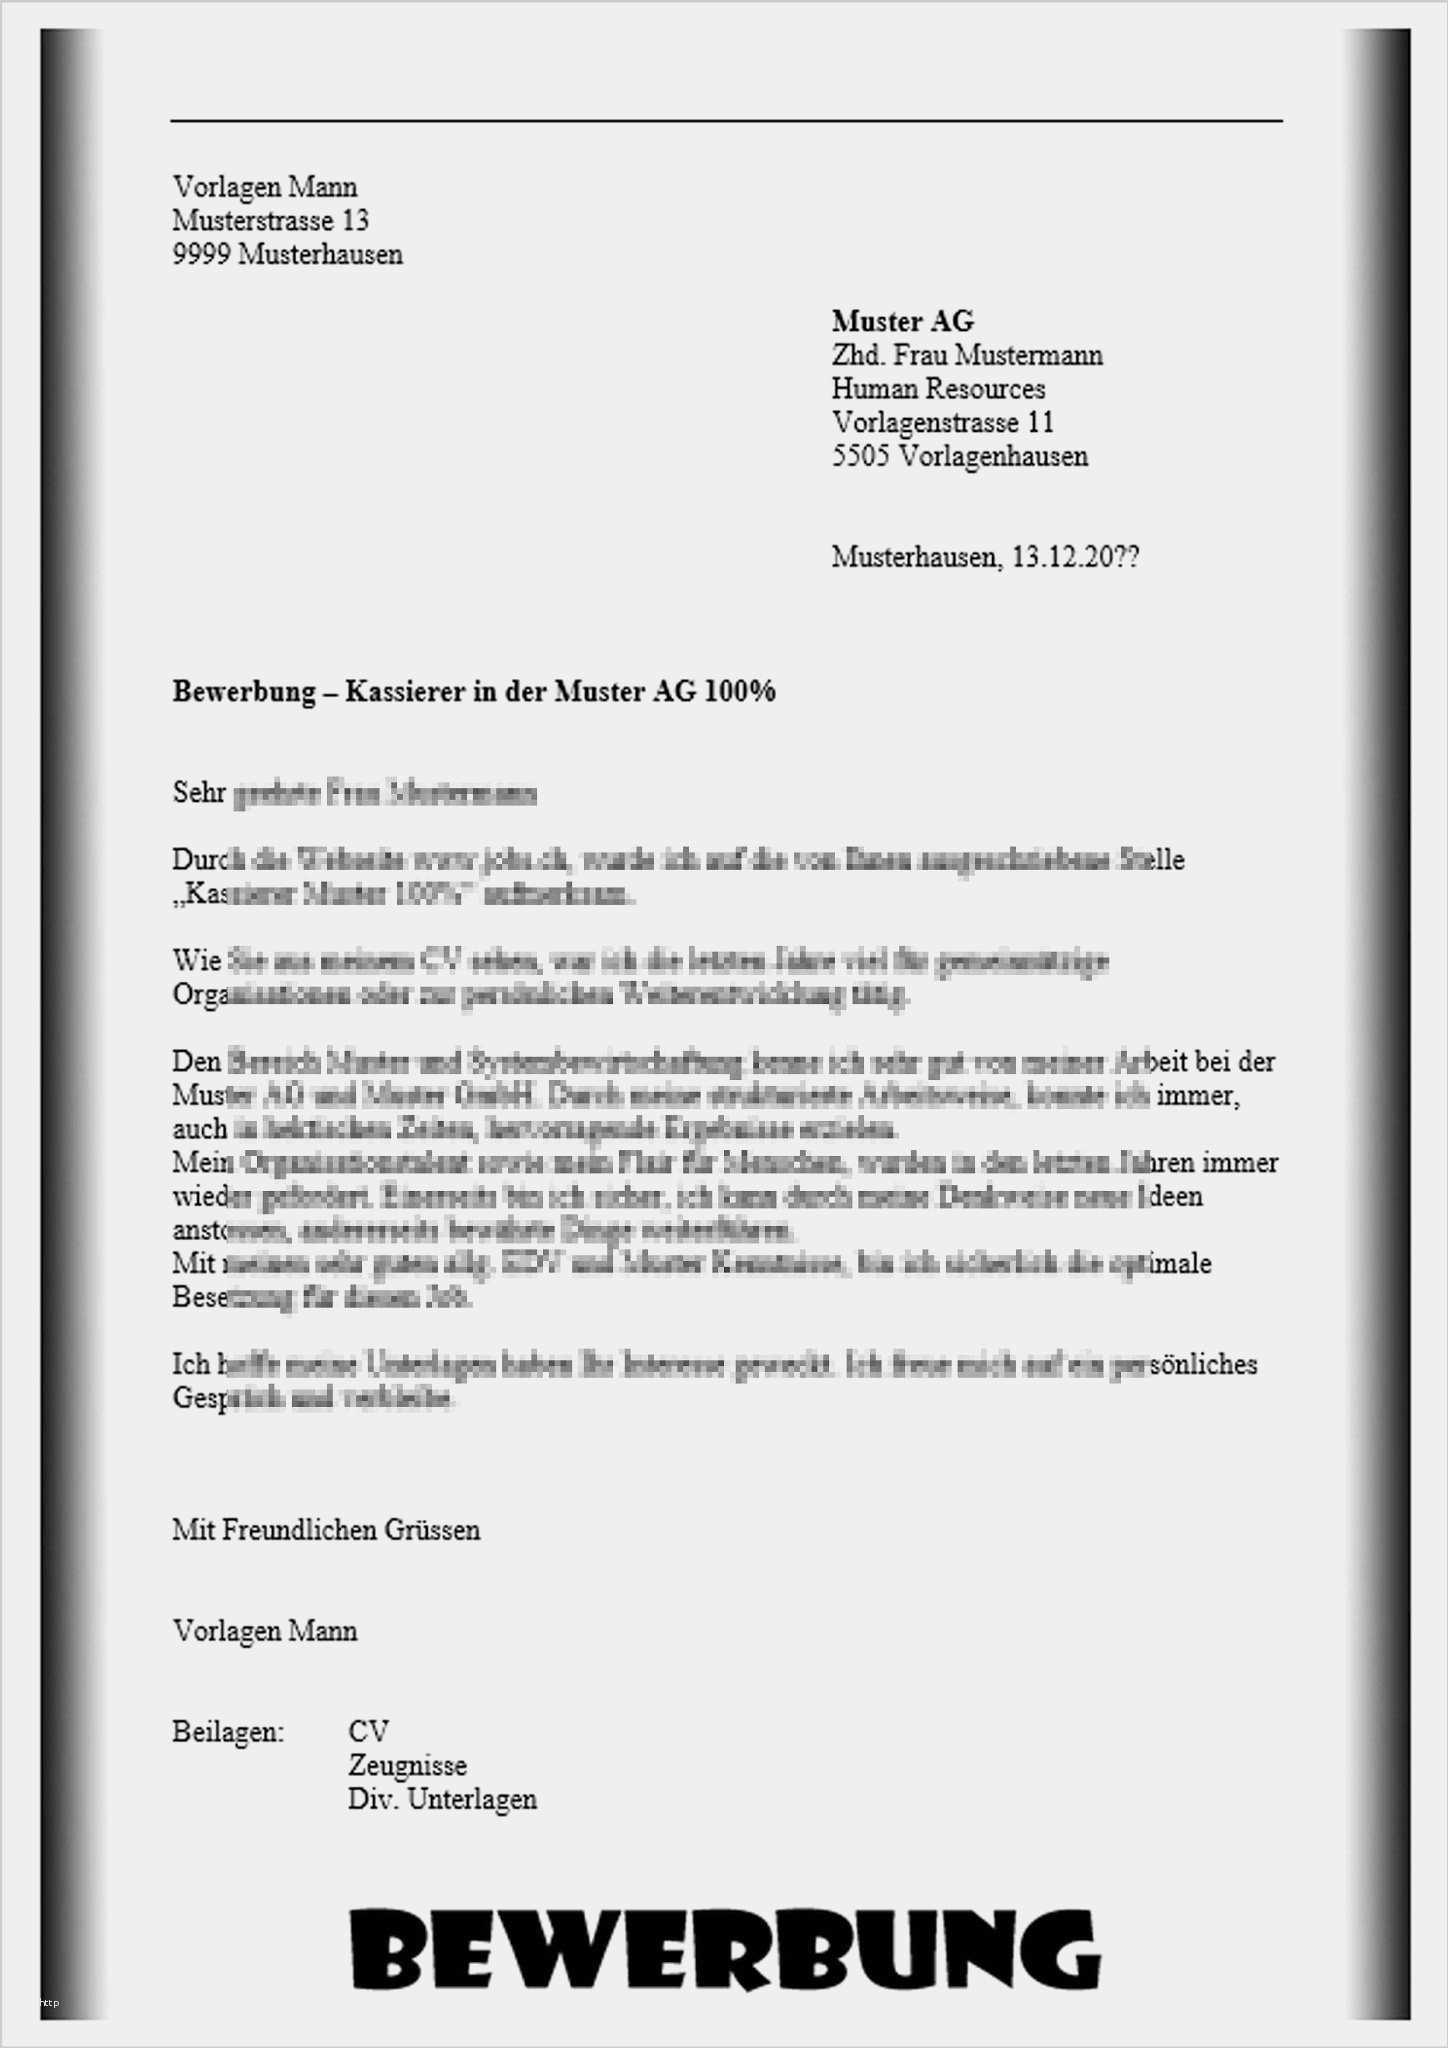 Bewerbung Kassiererin Vorlage Beste 15 Bewerbungsschreiben